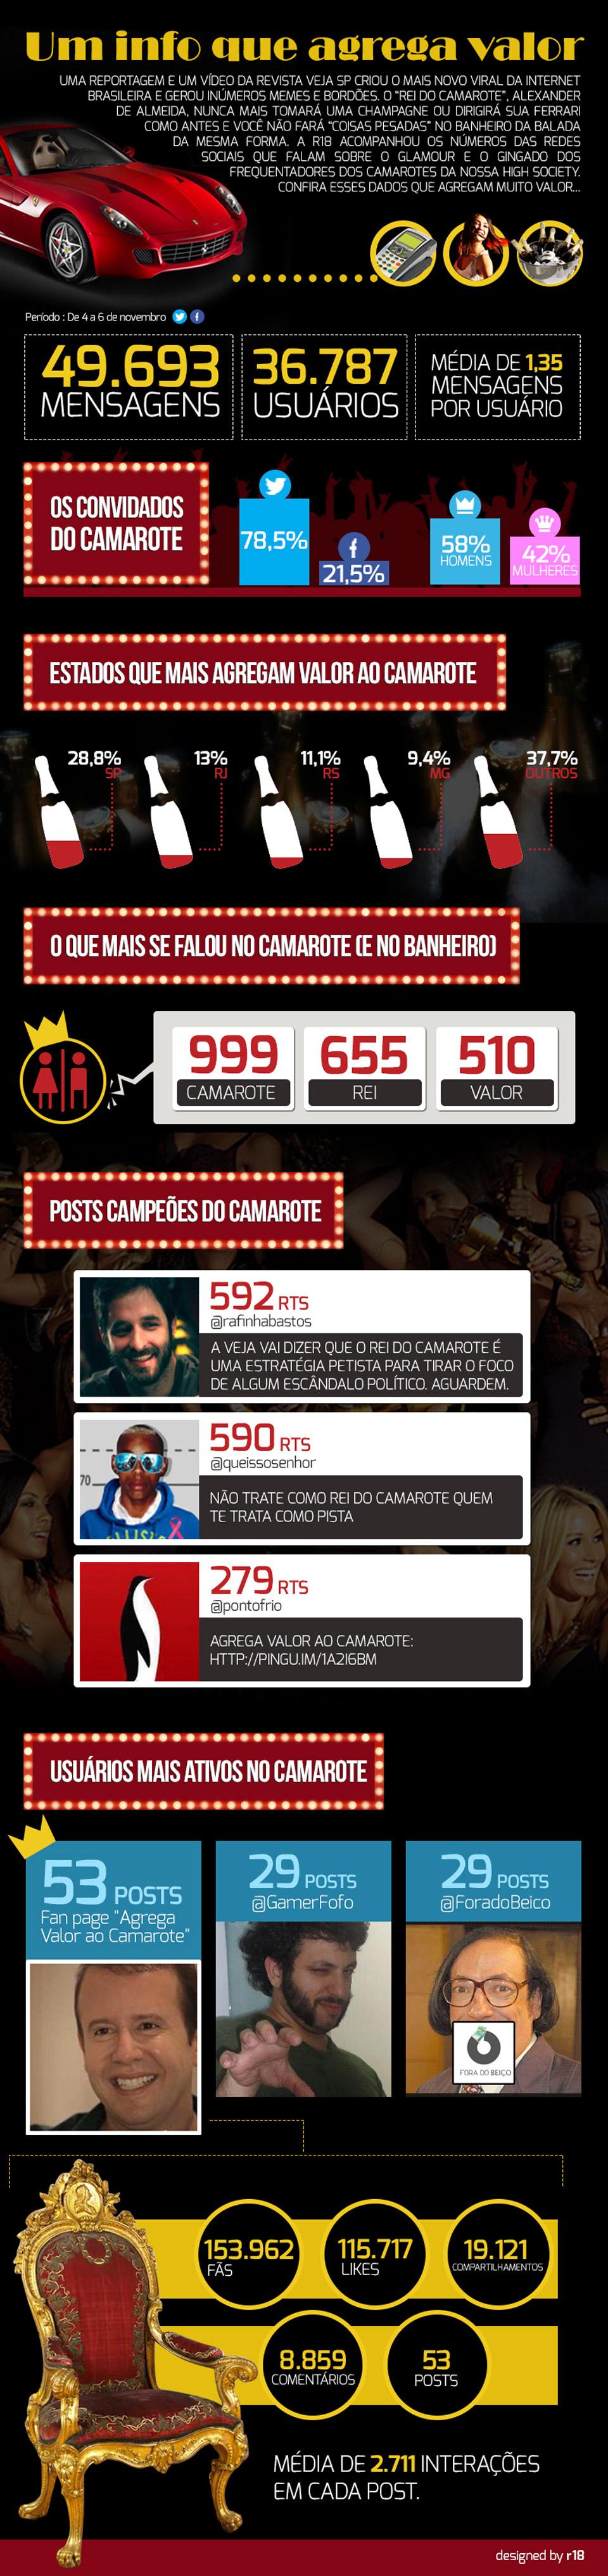 O rei do camarote na internet [infográfico]